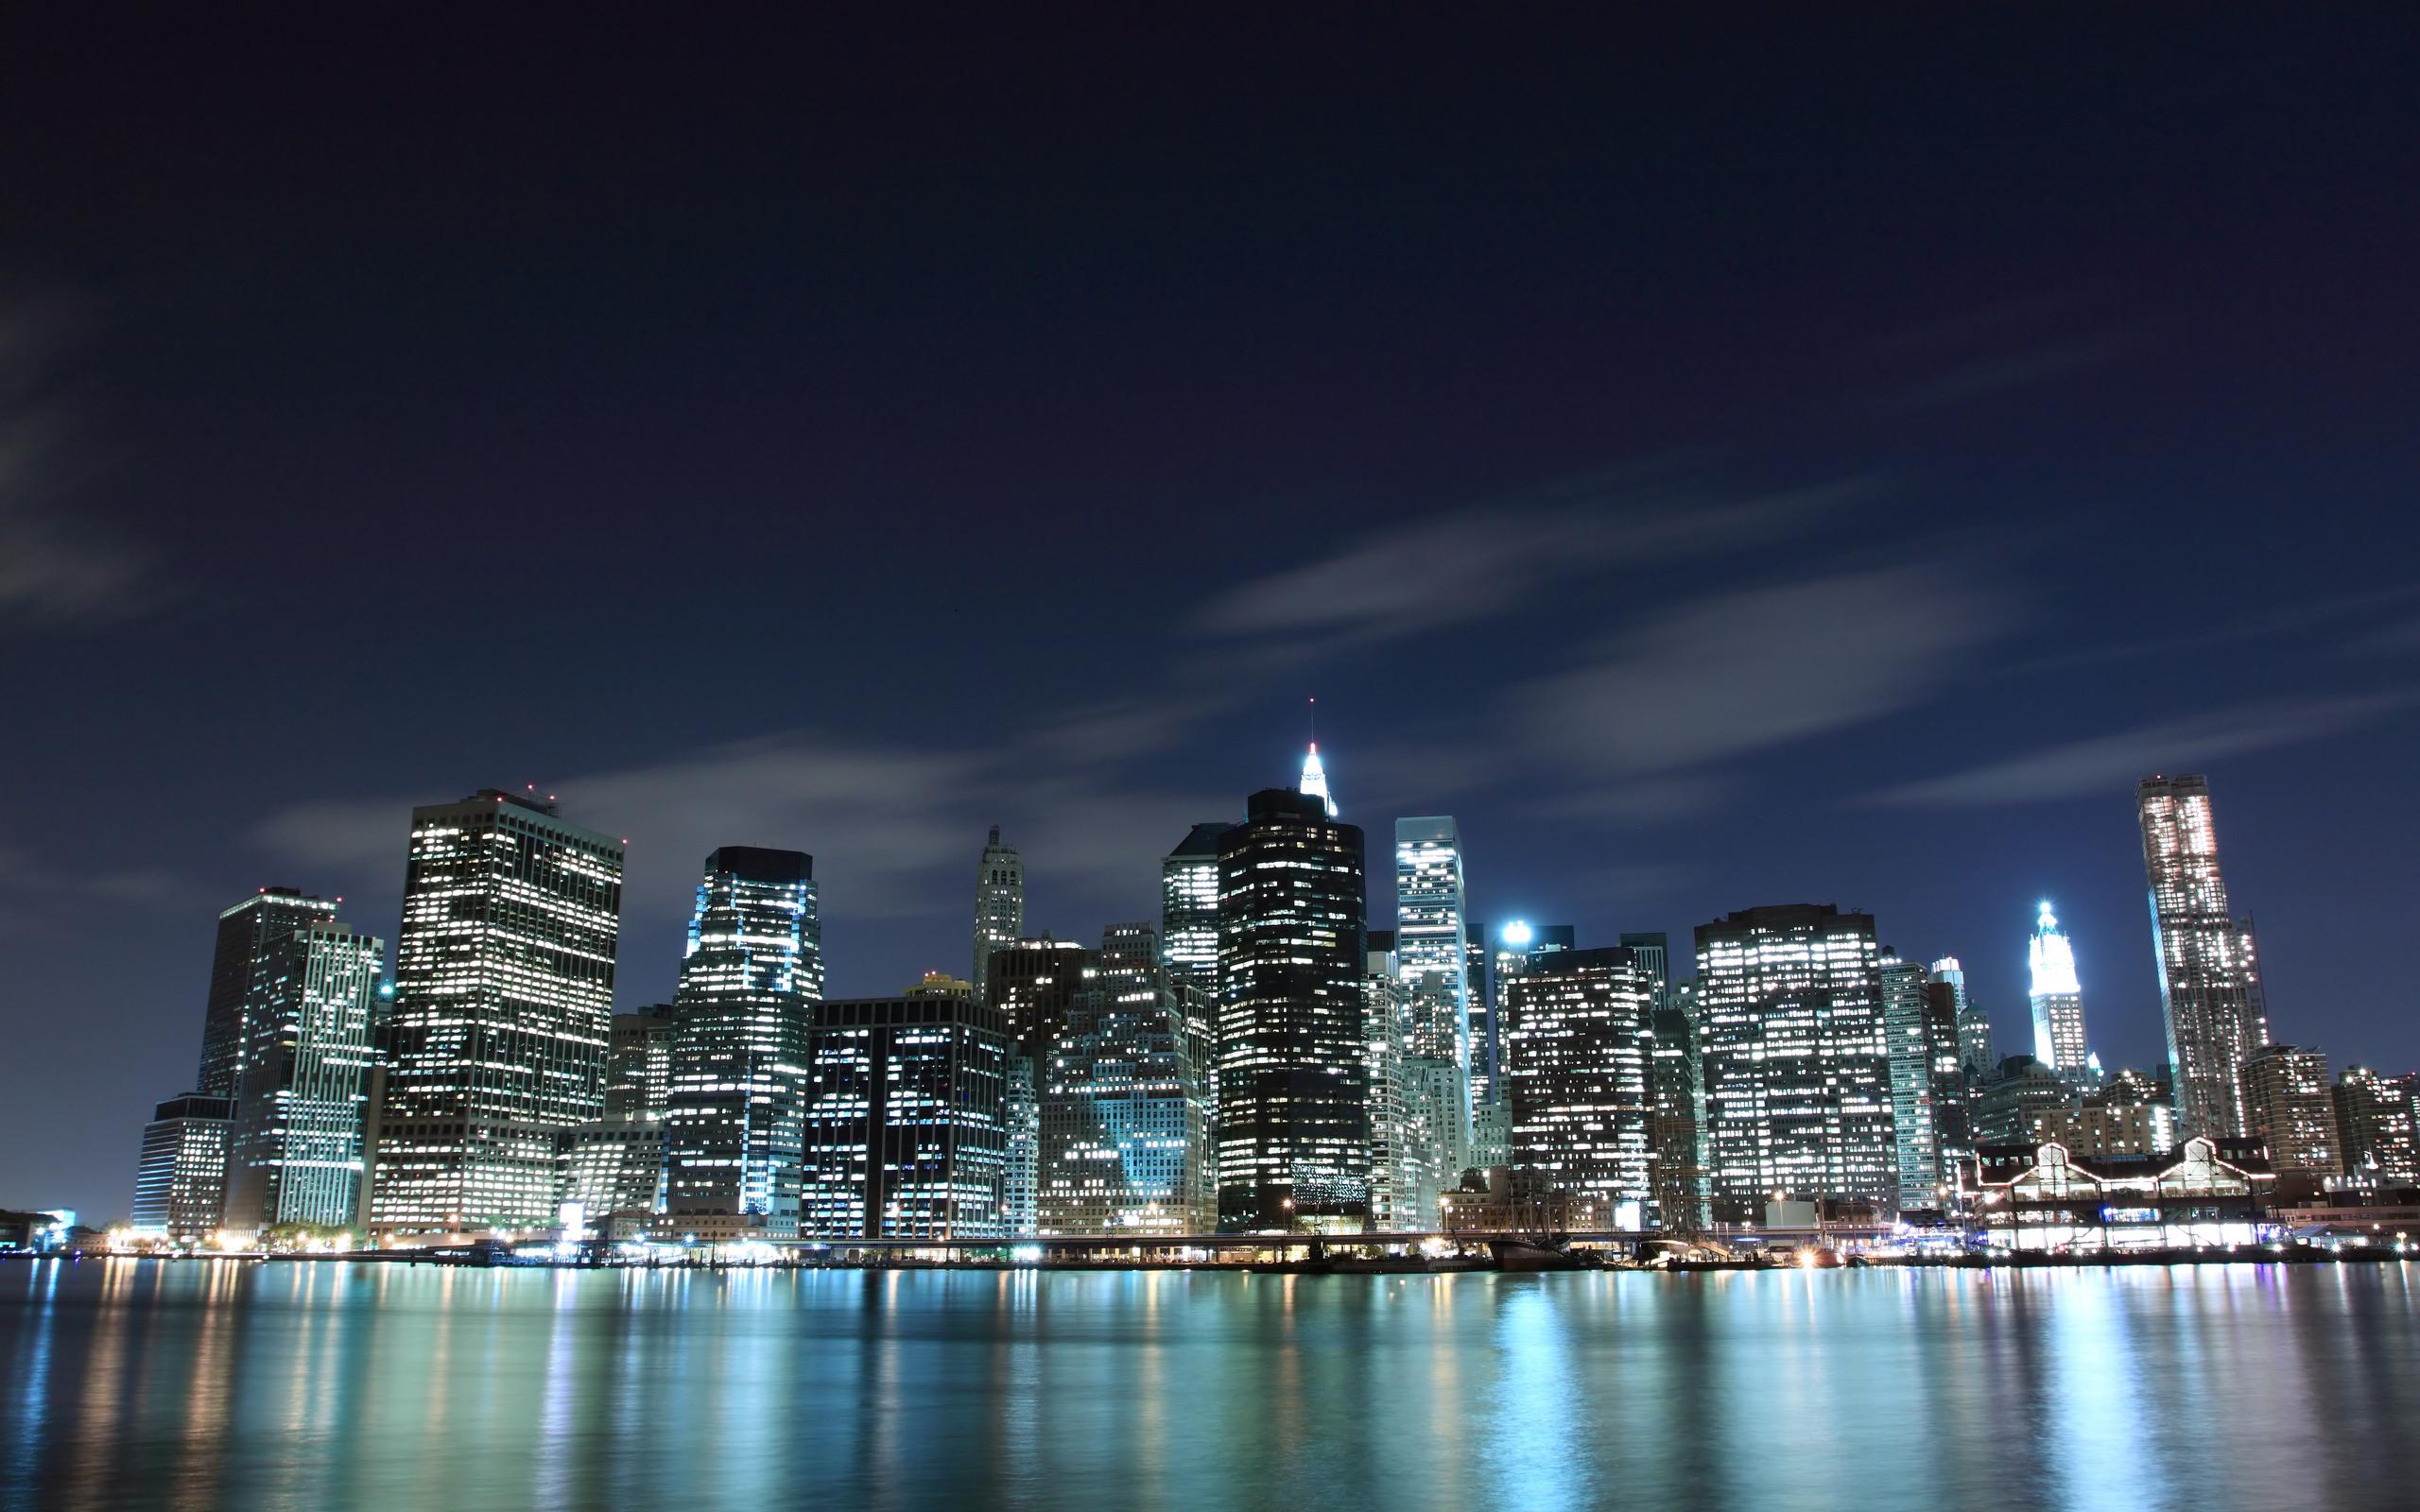 ночной город картинки высокого